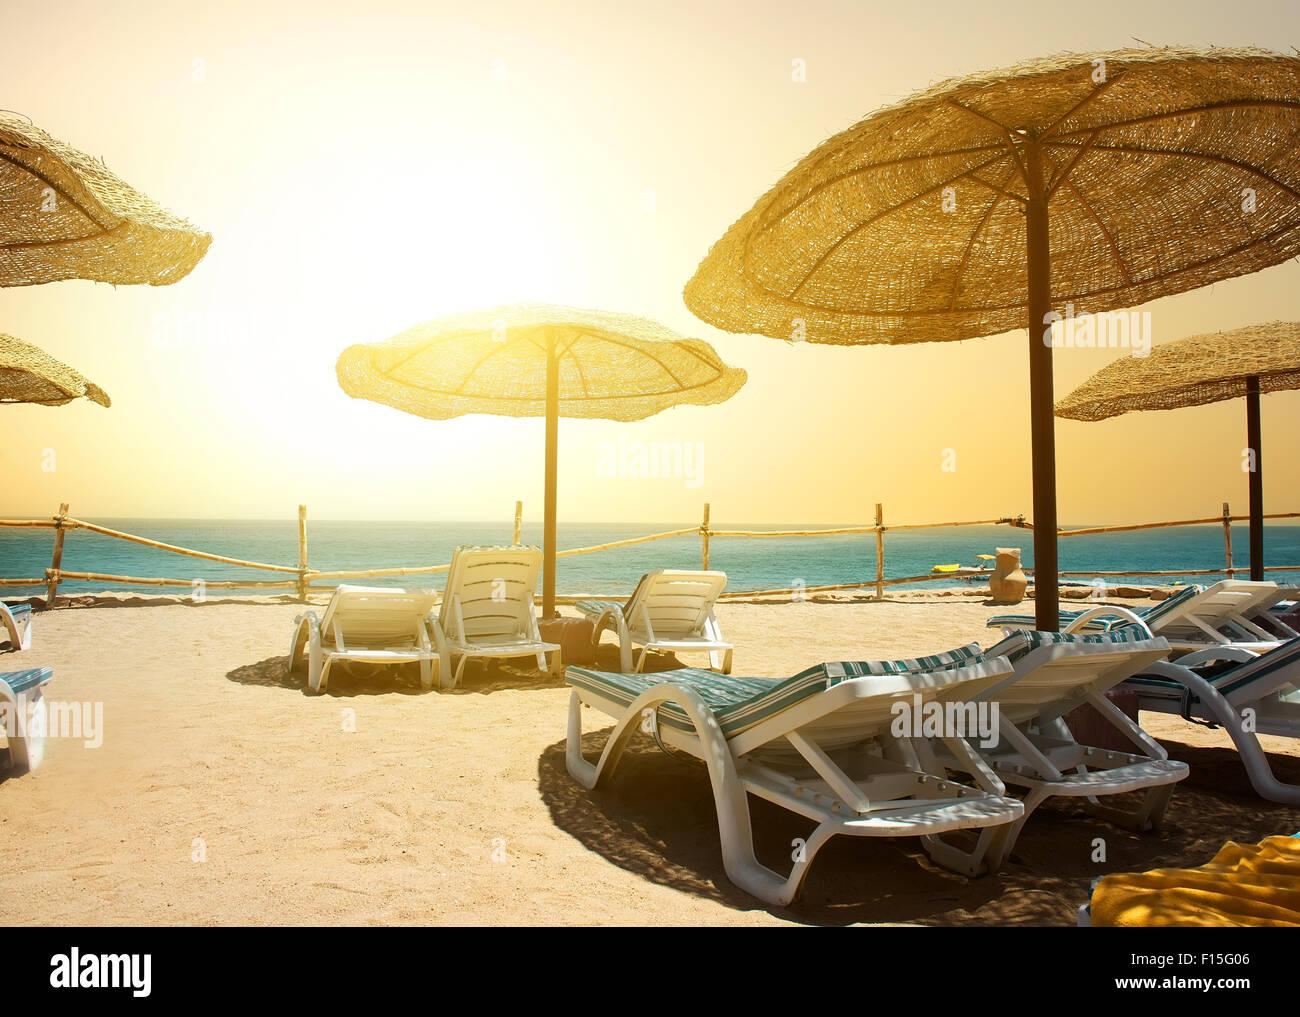 Sandstrand in der Nähe von Rotes Meer bei Sonnenuntergang Stockbild